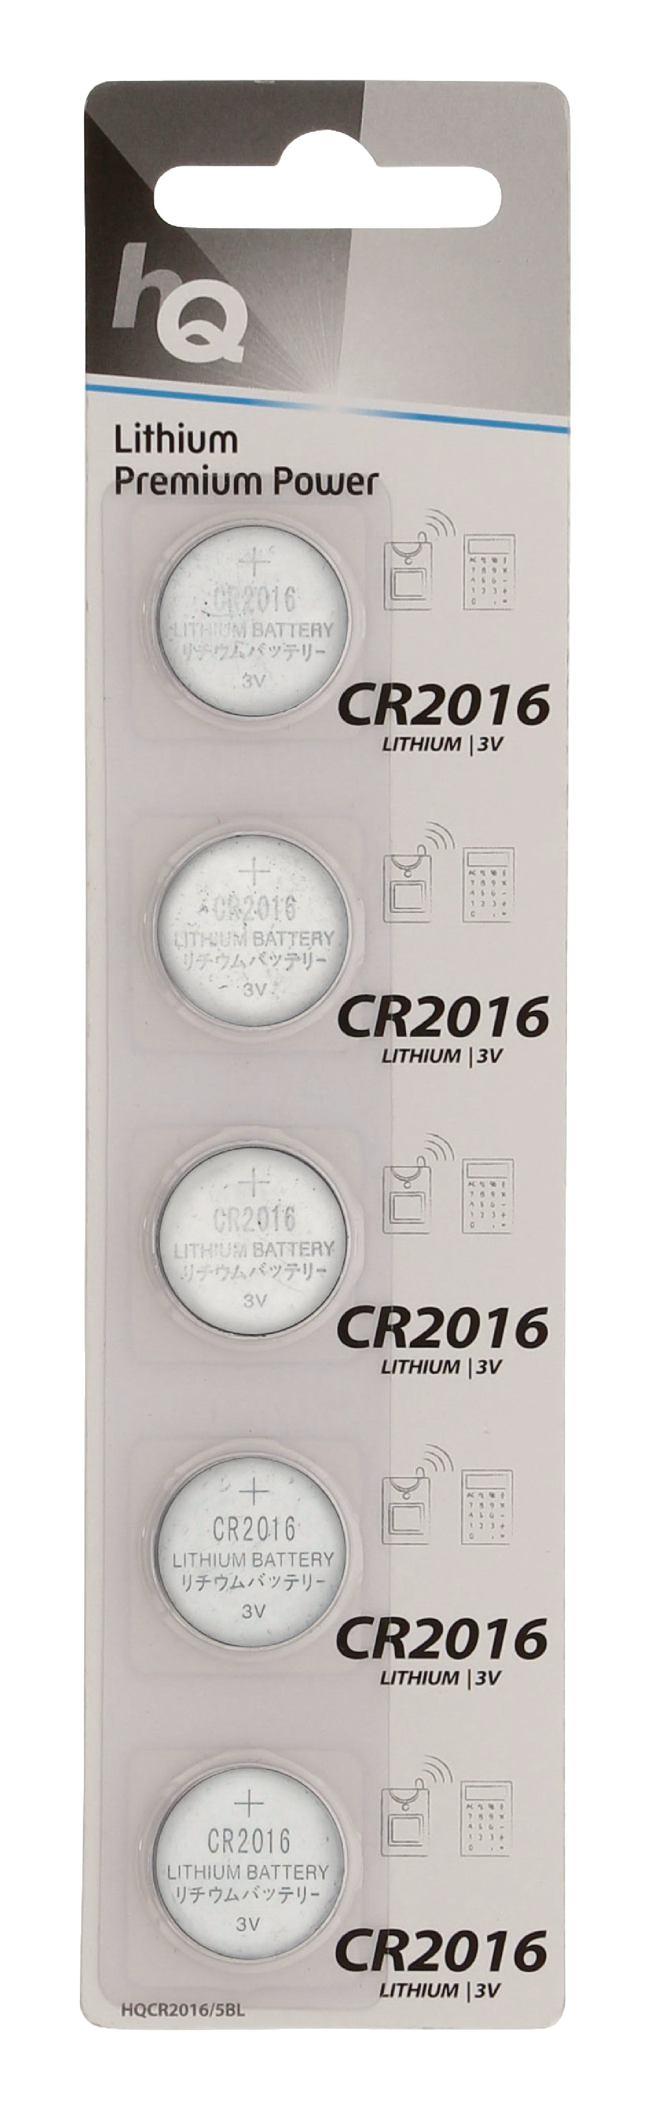 CR2016 knoopcel batterij per 5 in blister